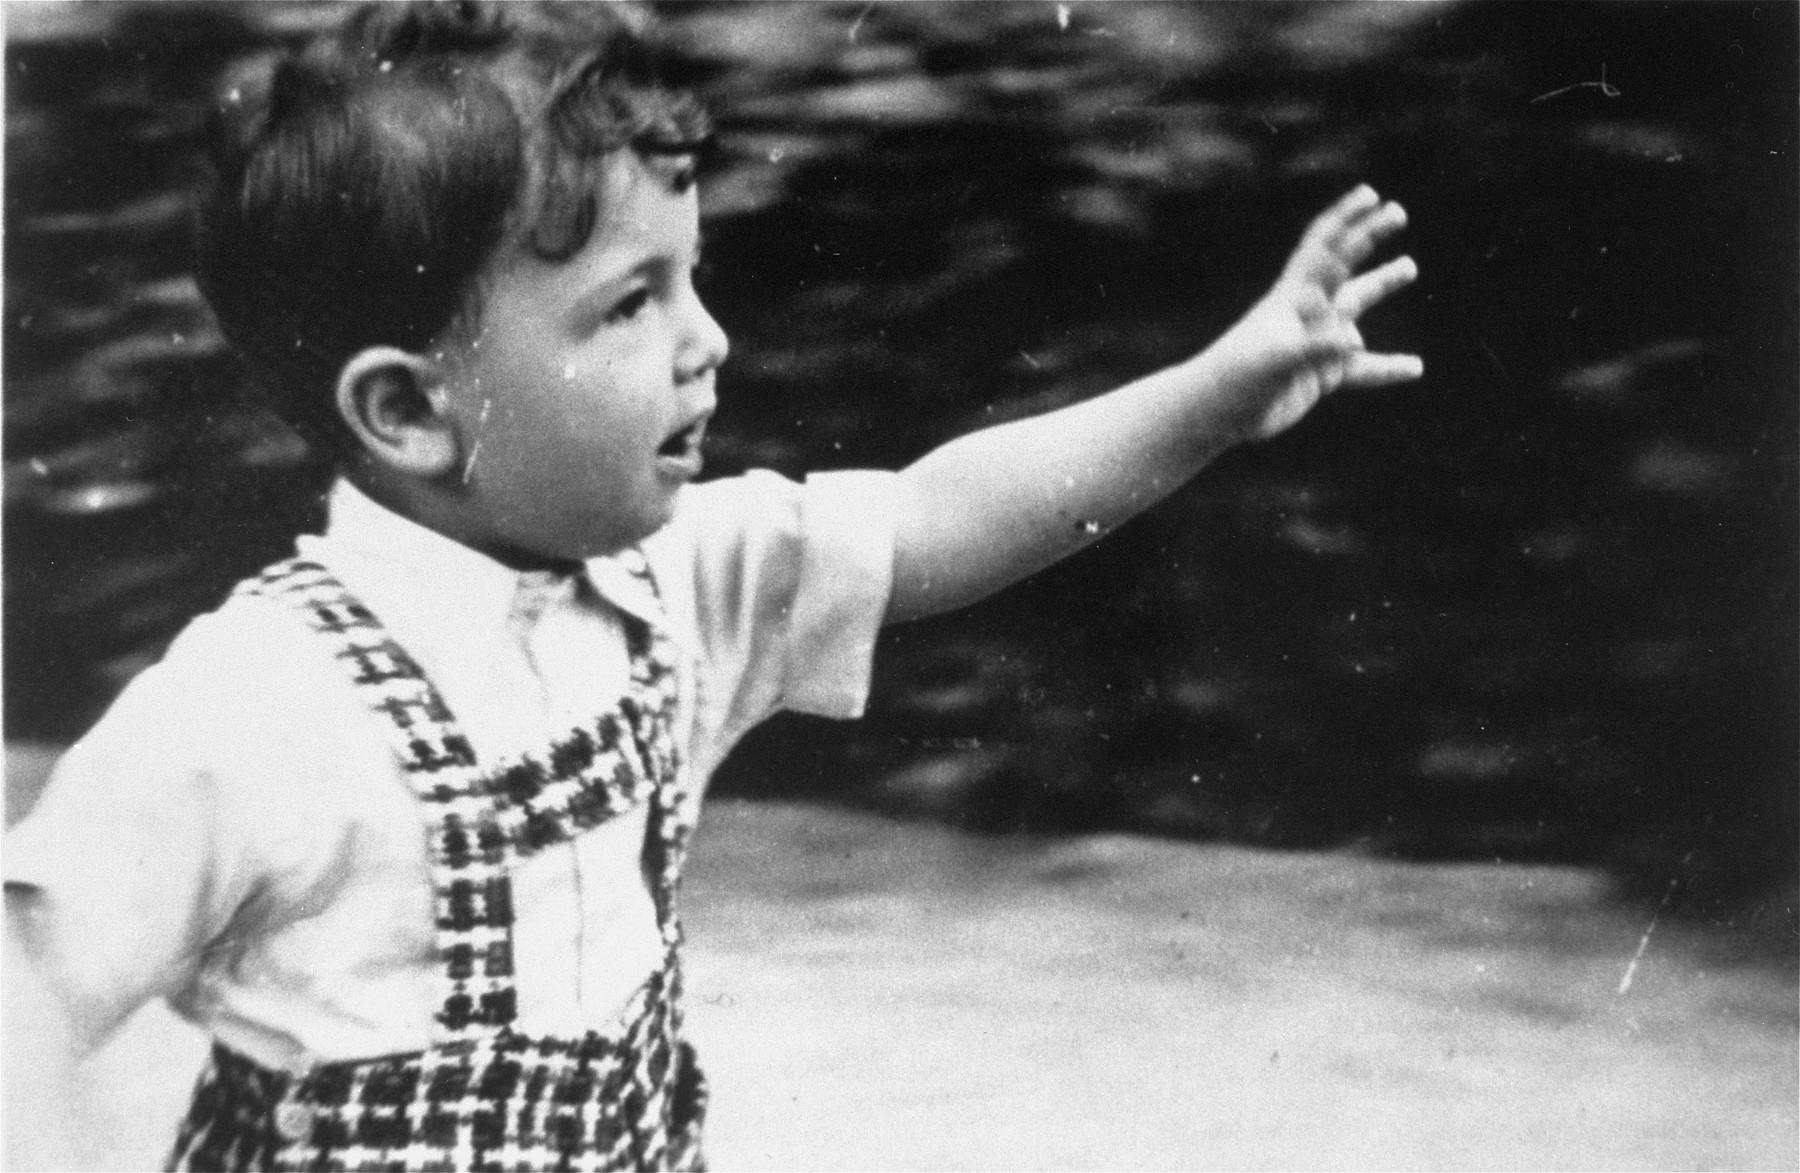 A young Jewish boy plays in a park in Vienna.  Pictured is Heinz Blumenstein.